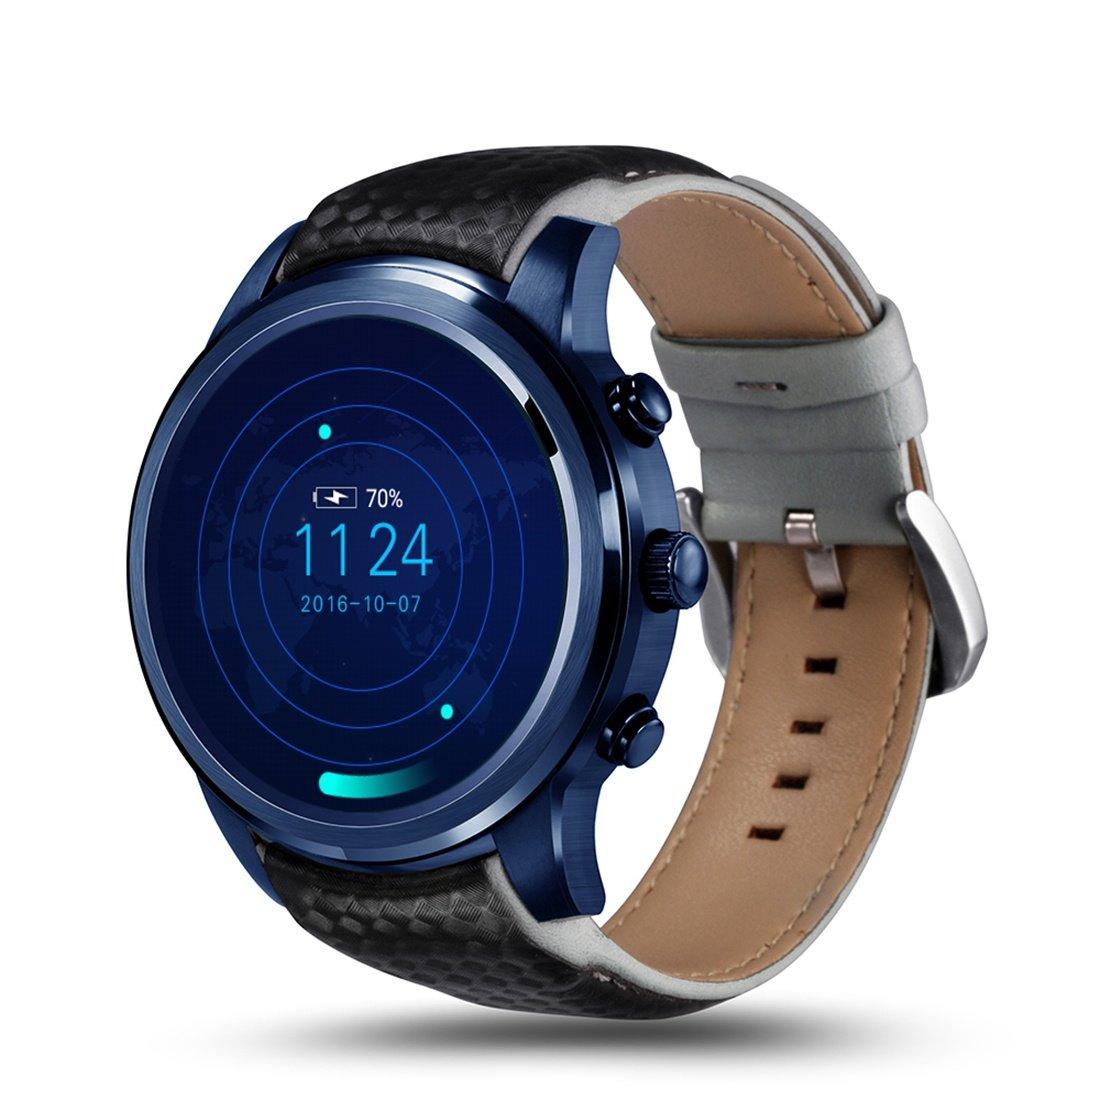 Amazon.com: PINCHU LEM5 Pro Smart Watch Smartwatch Android ...